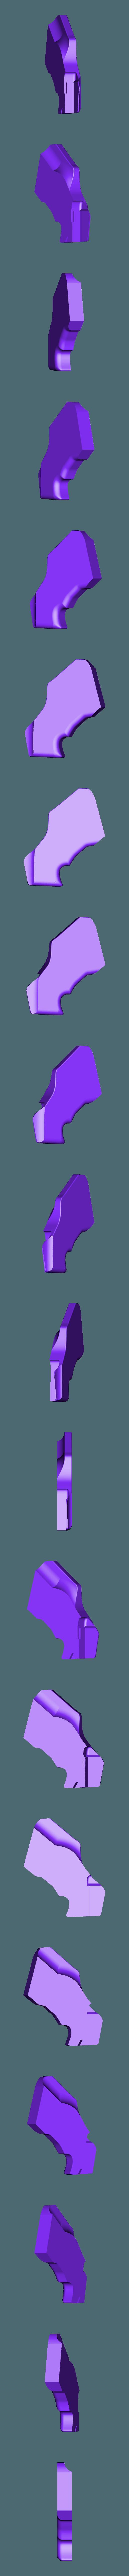 STL_S5_v20_Grip_2_.stl Télécharger fichier STL gratuit Pistolet Star Wars Naboo S5 Heavy Blaster • Objet pour impression 3D, Dsk